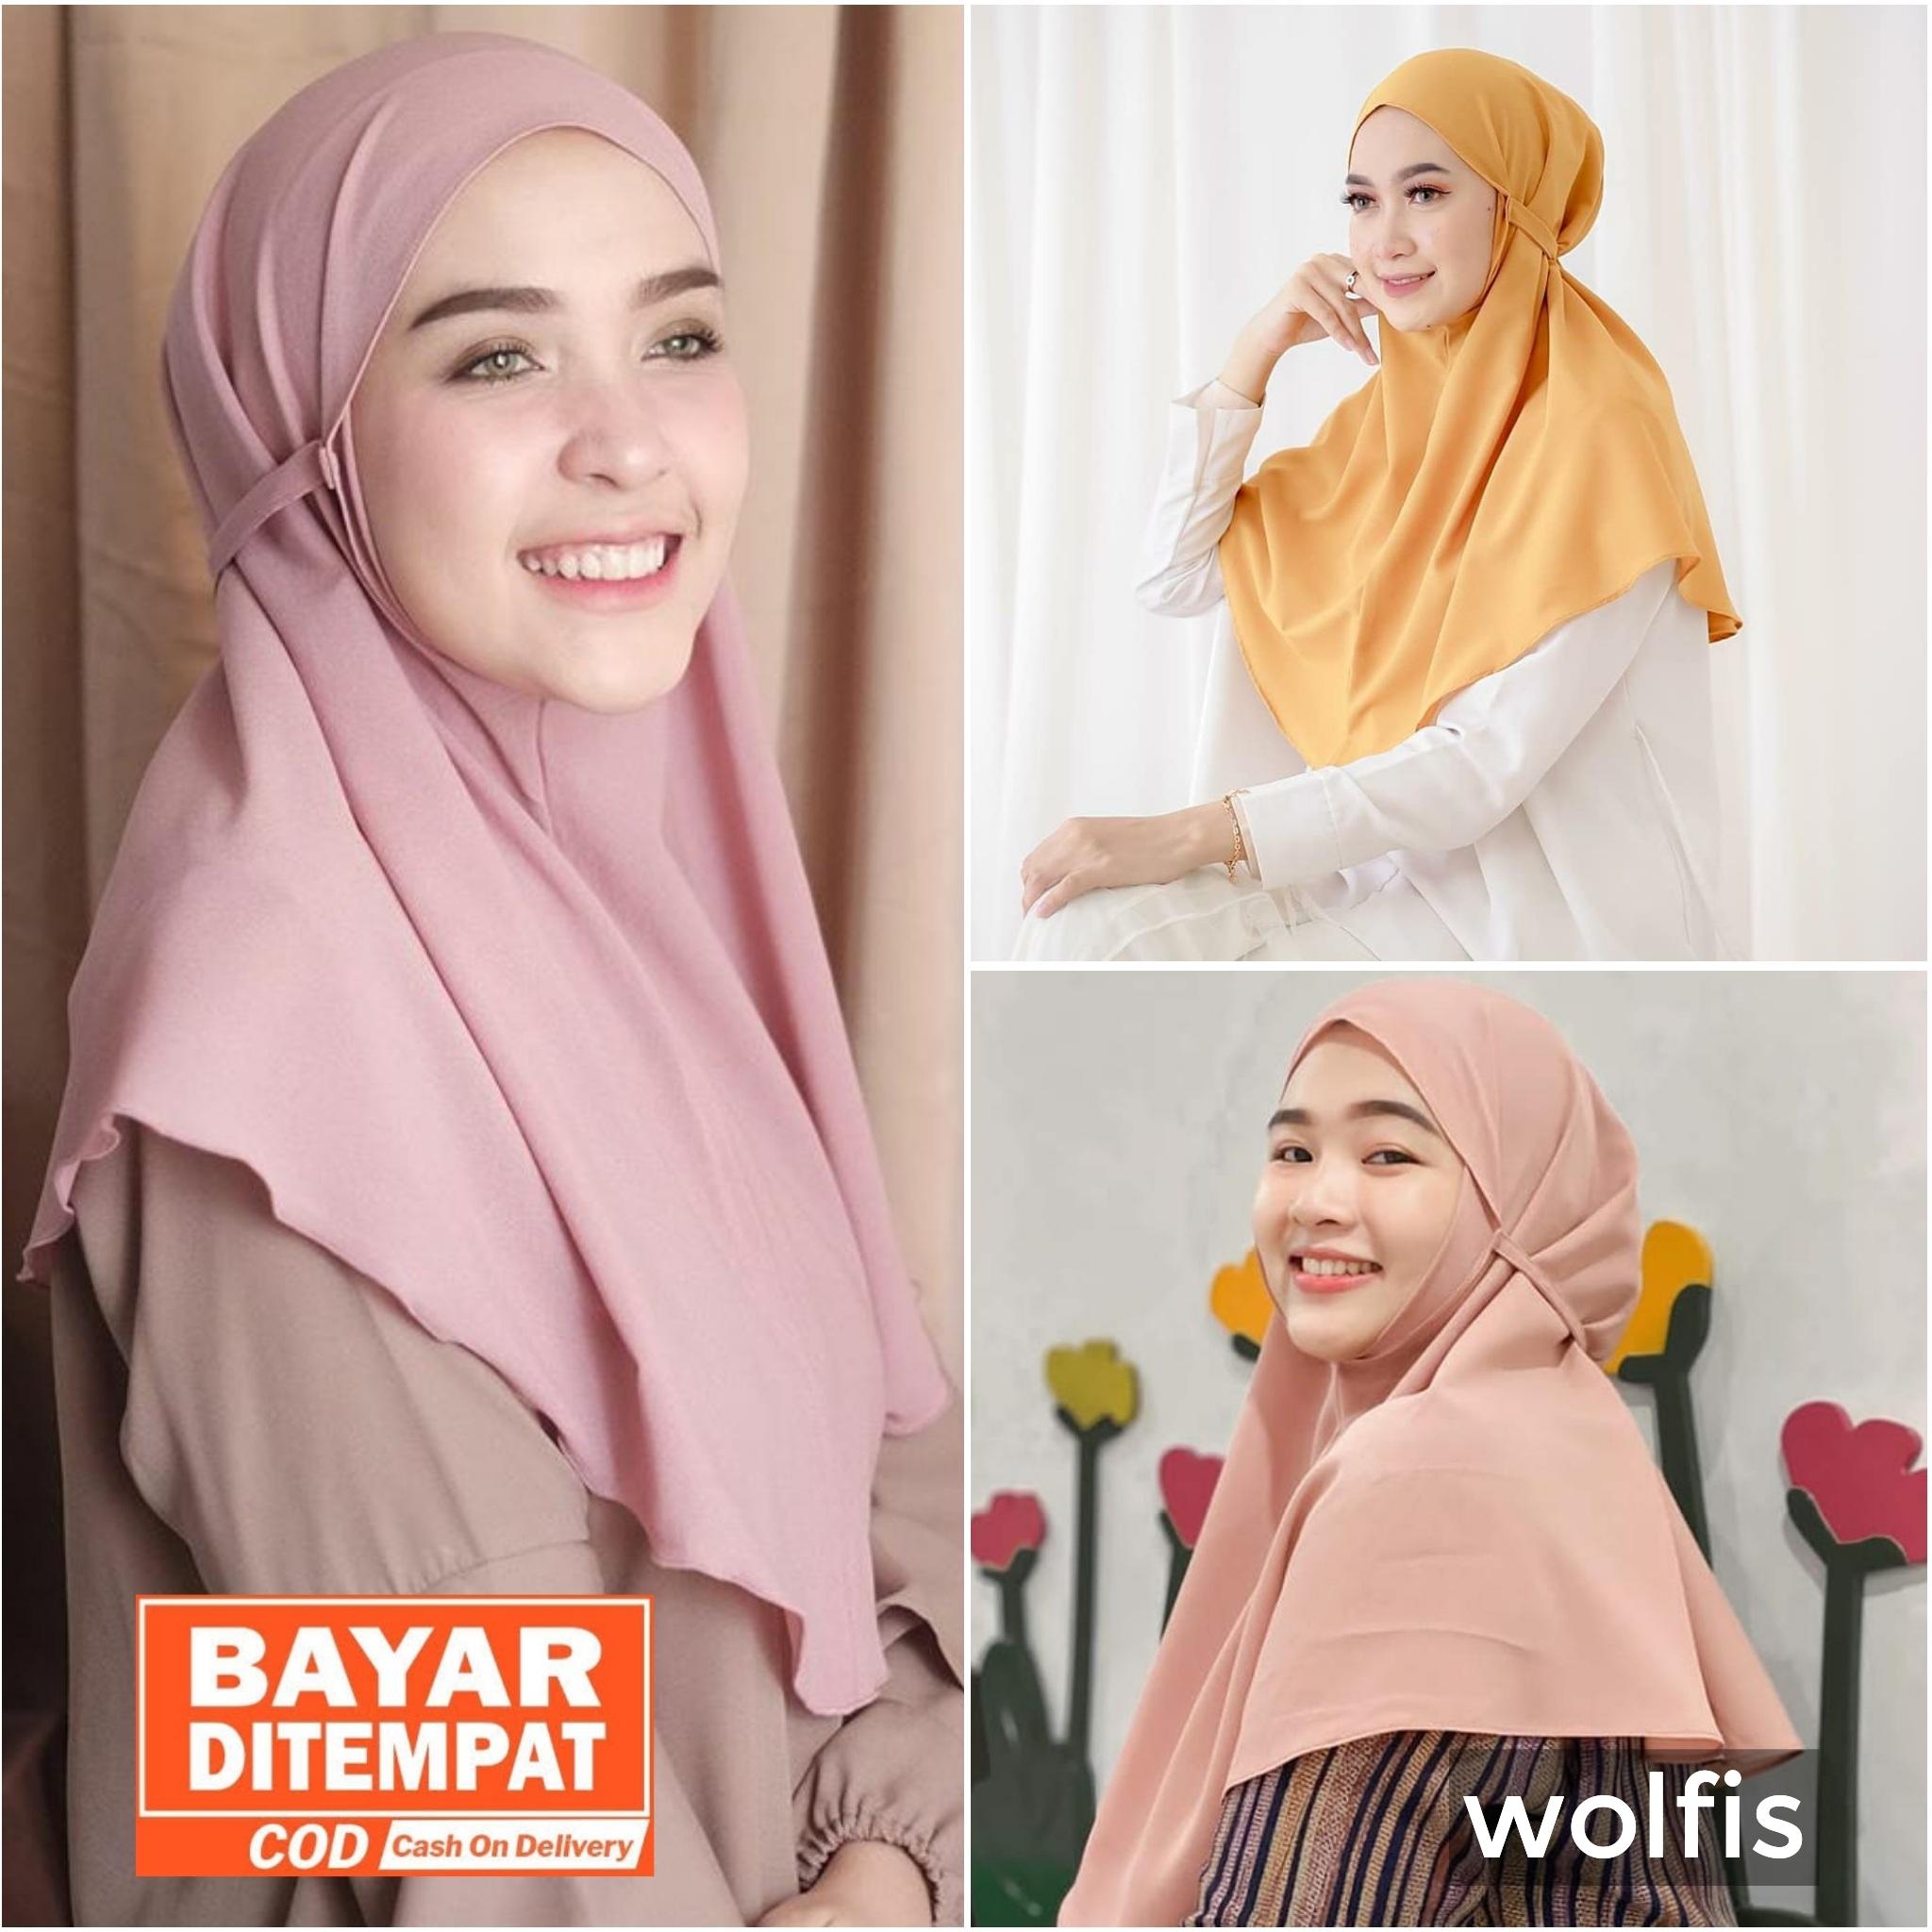 NEW!! Jilbab / Hijab KHIMAR NAURA Simple Tali Instan Bahan Wolfis Premium - Kerudung Tali